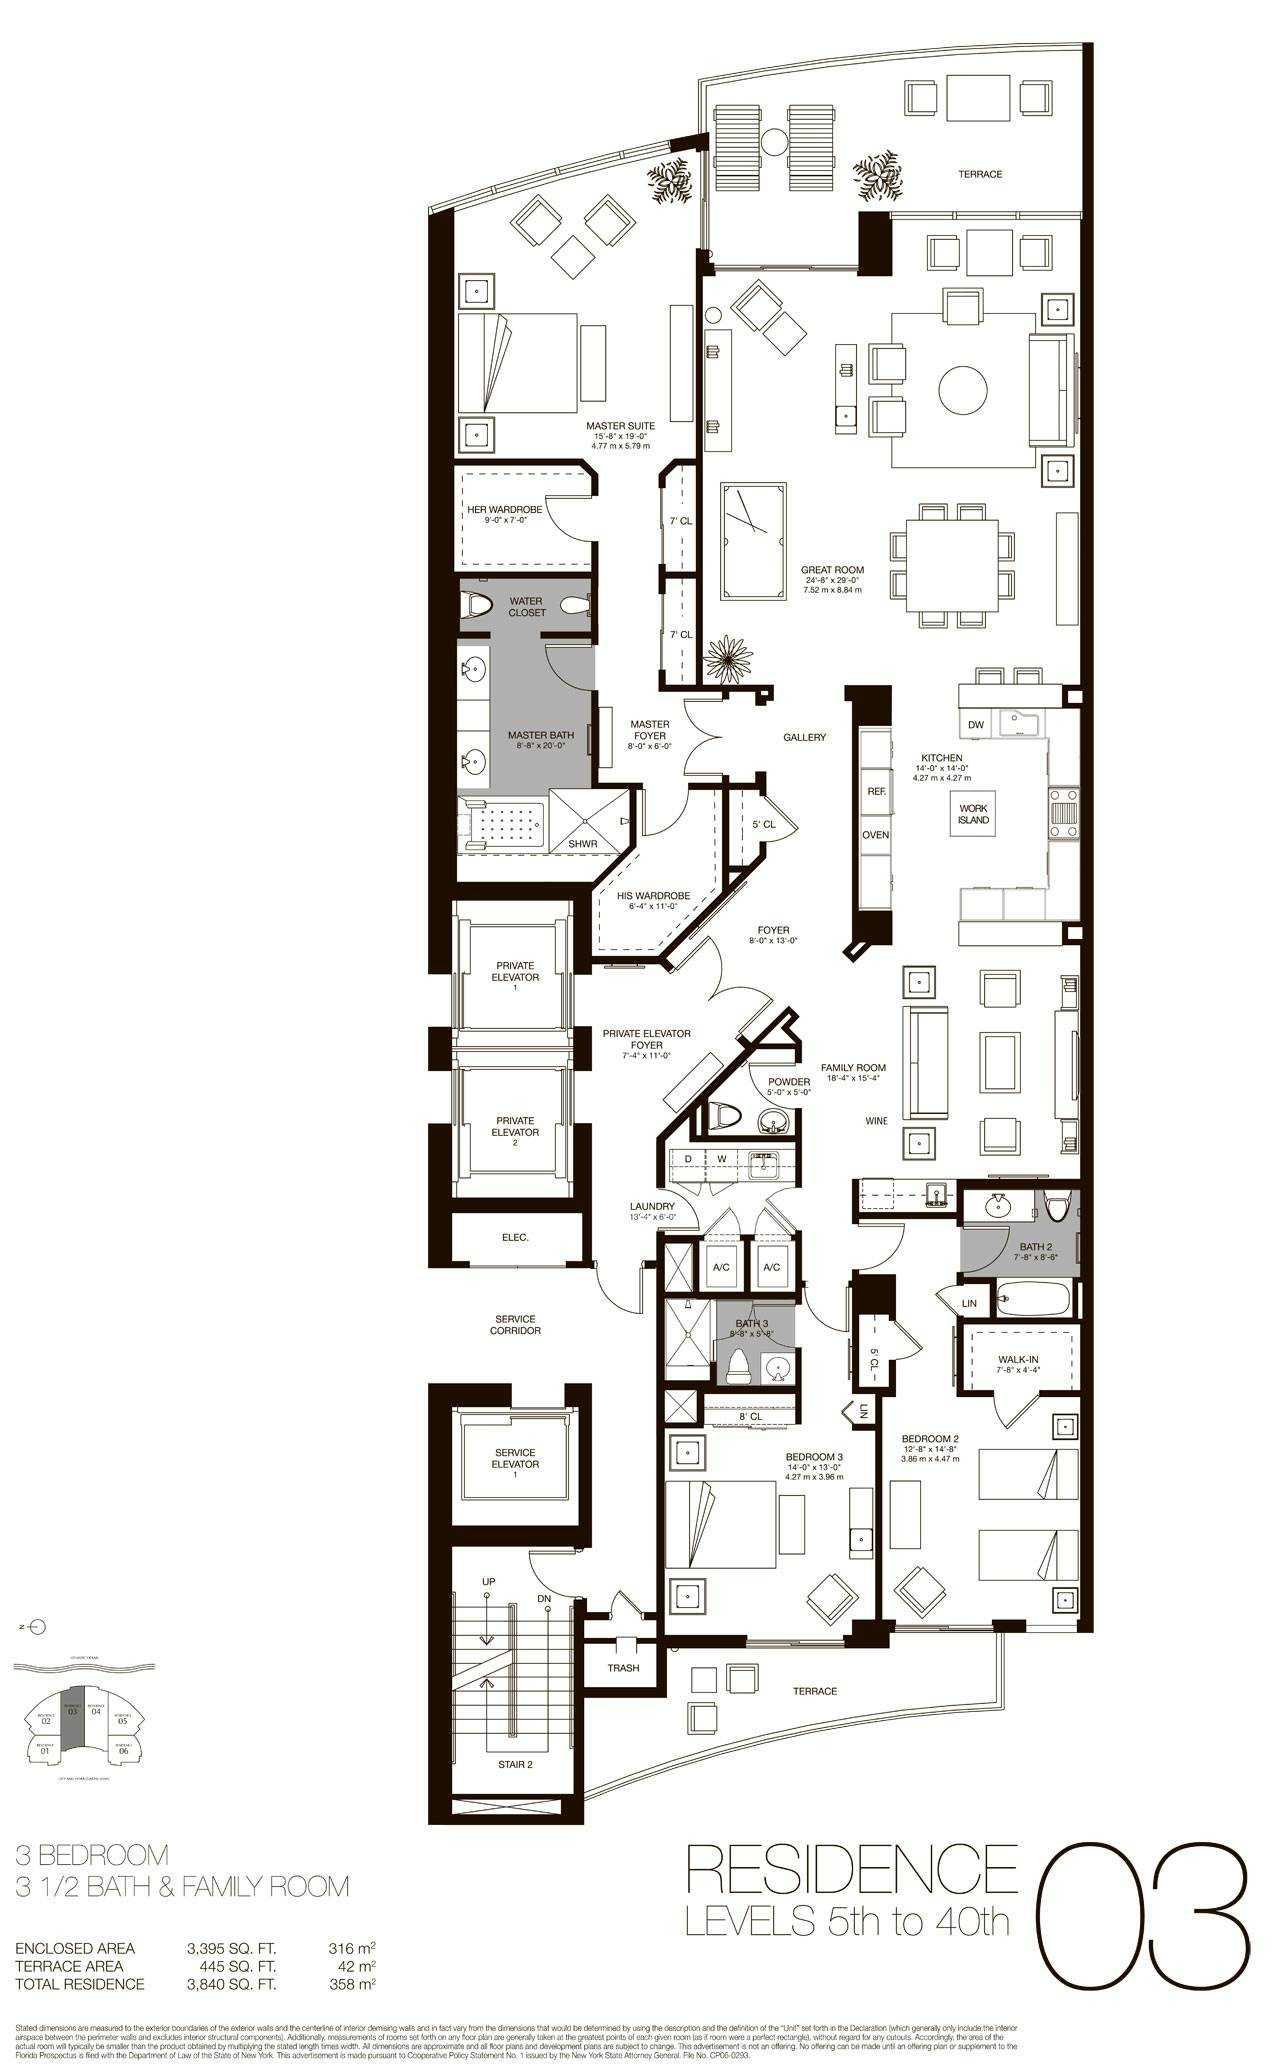 Residences 03 - 04, Level 5-40